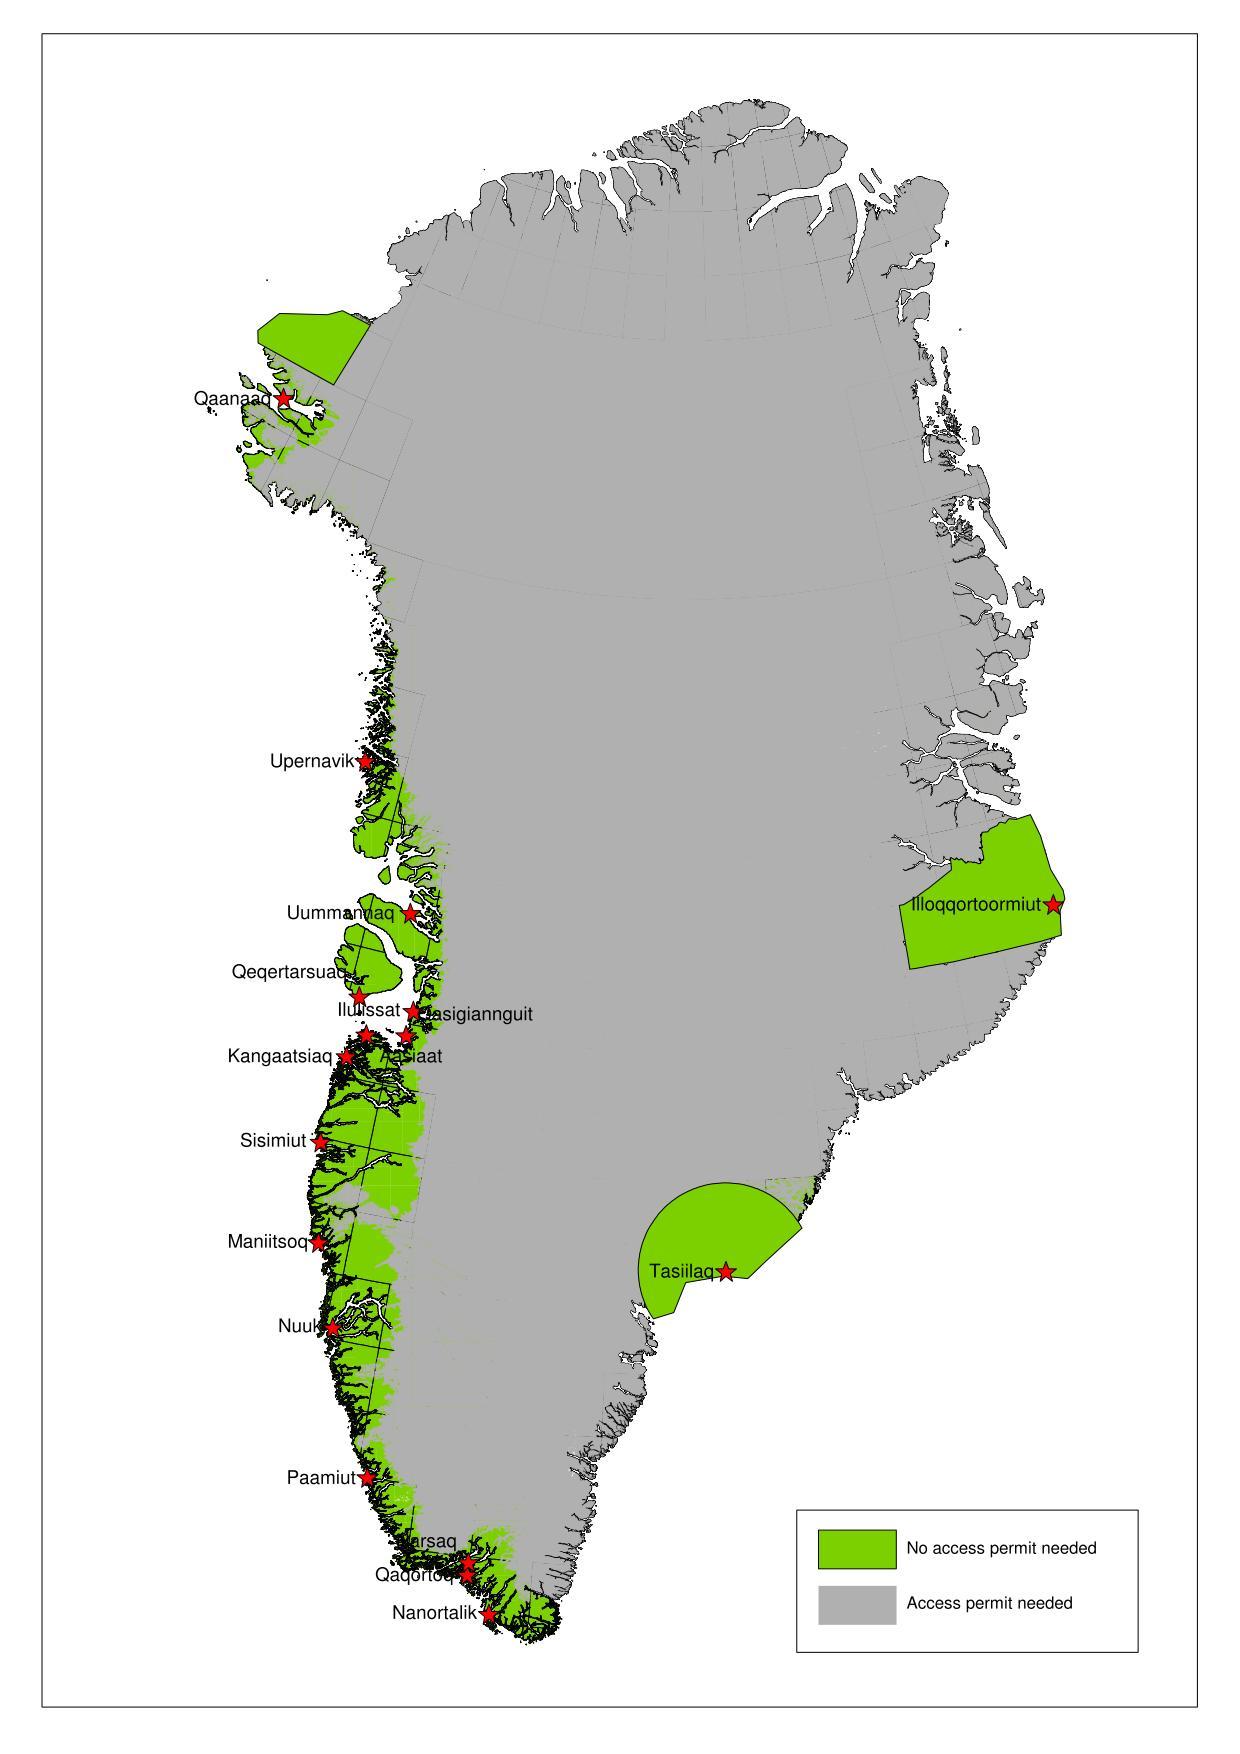 Accès permis Groenland